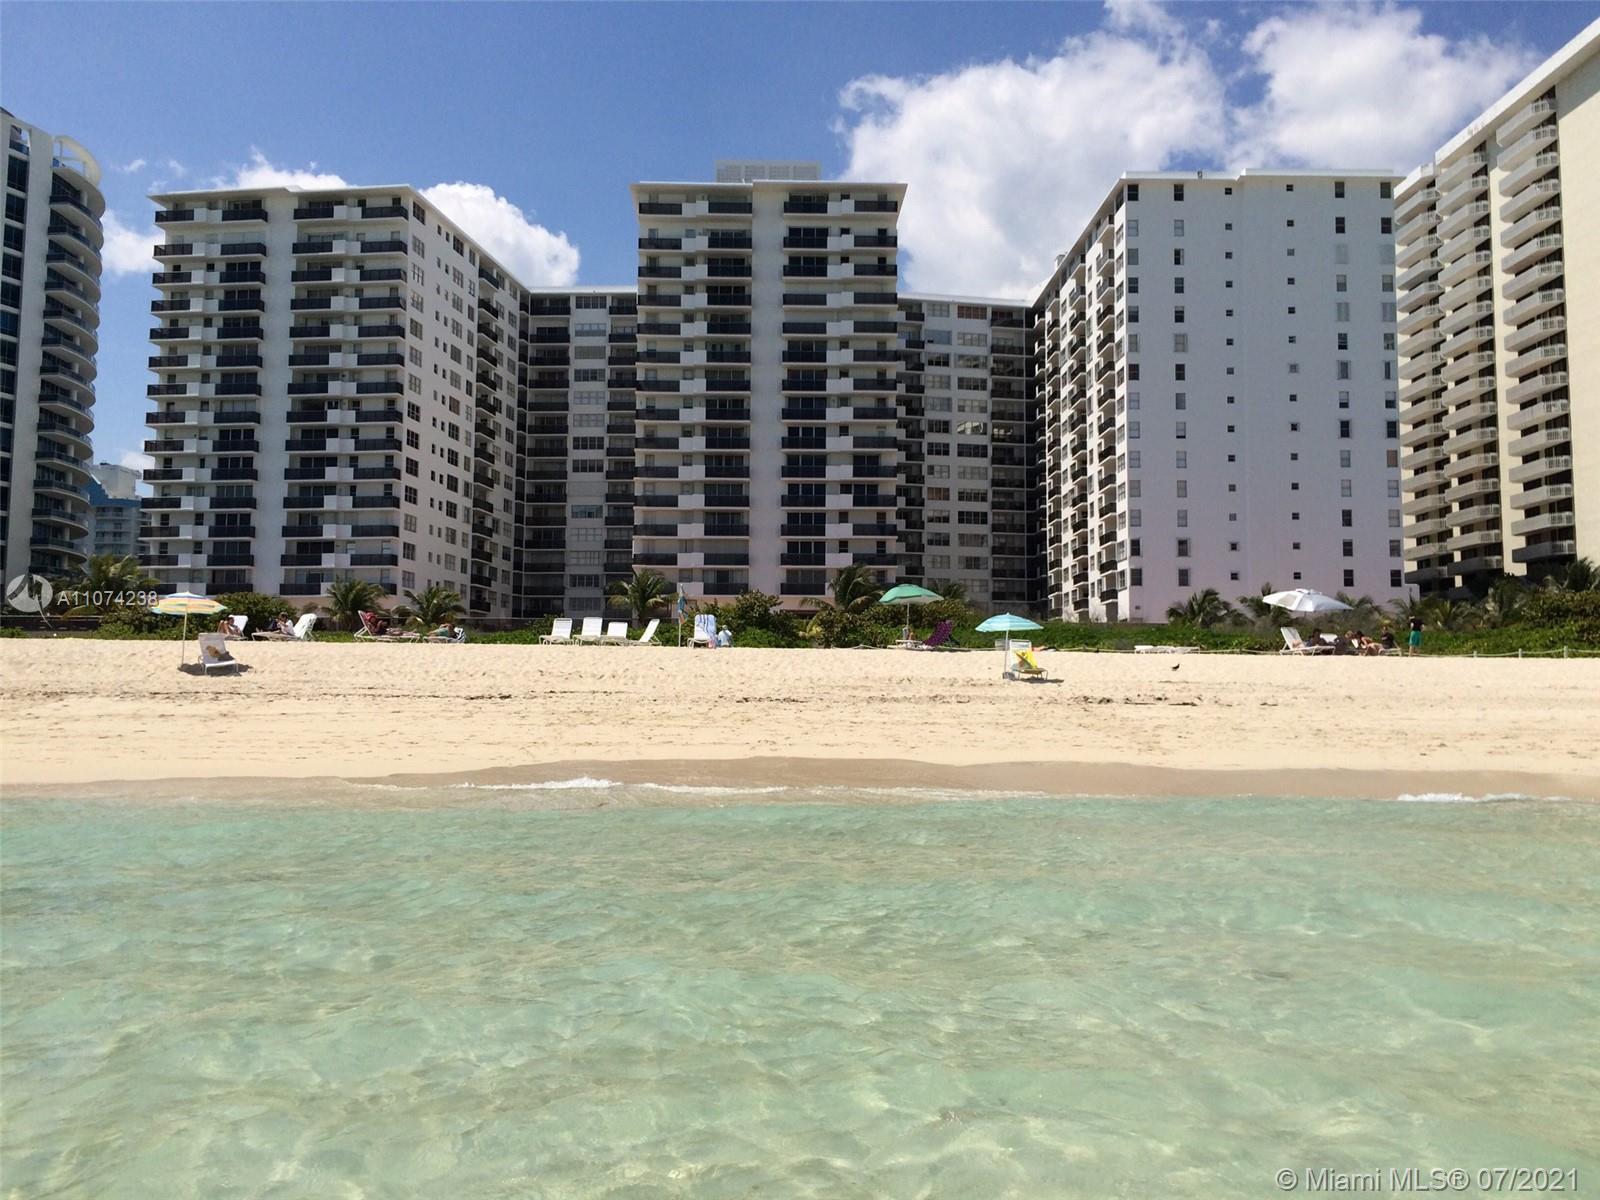 Maison Grande #614 - 6039 Collins Ave #614, Miami Beach, FL 33140